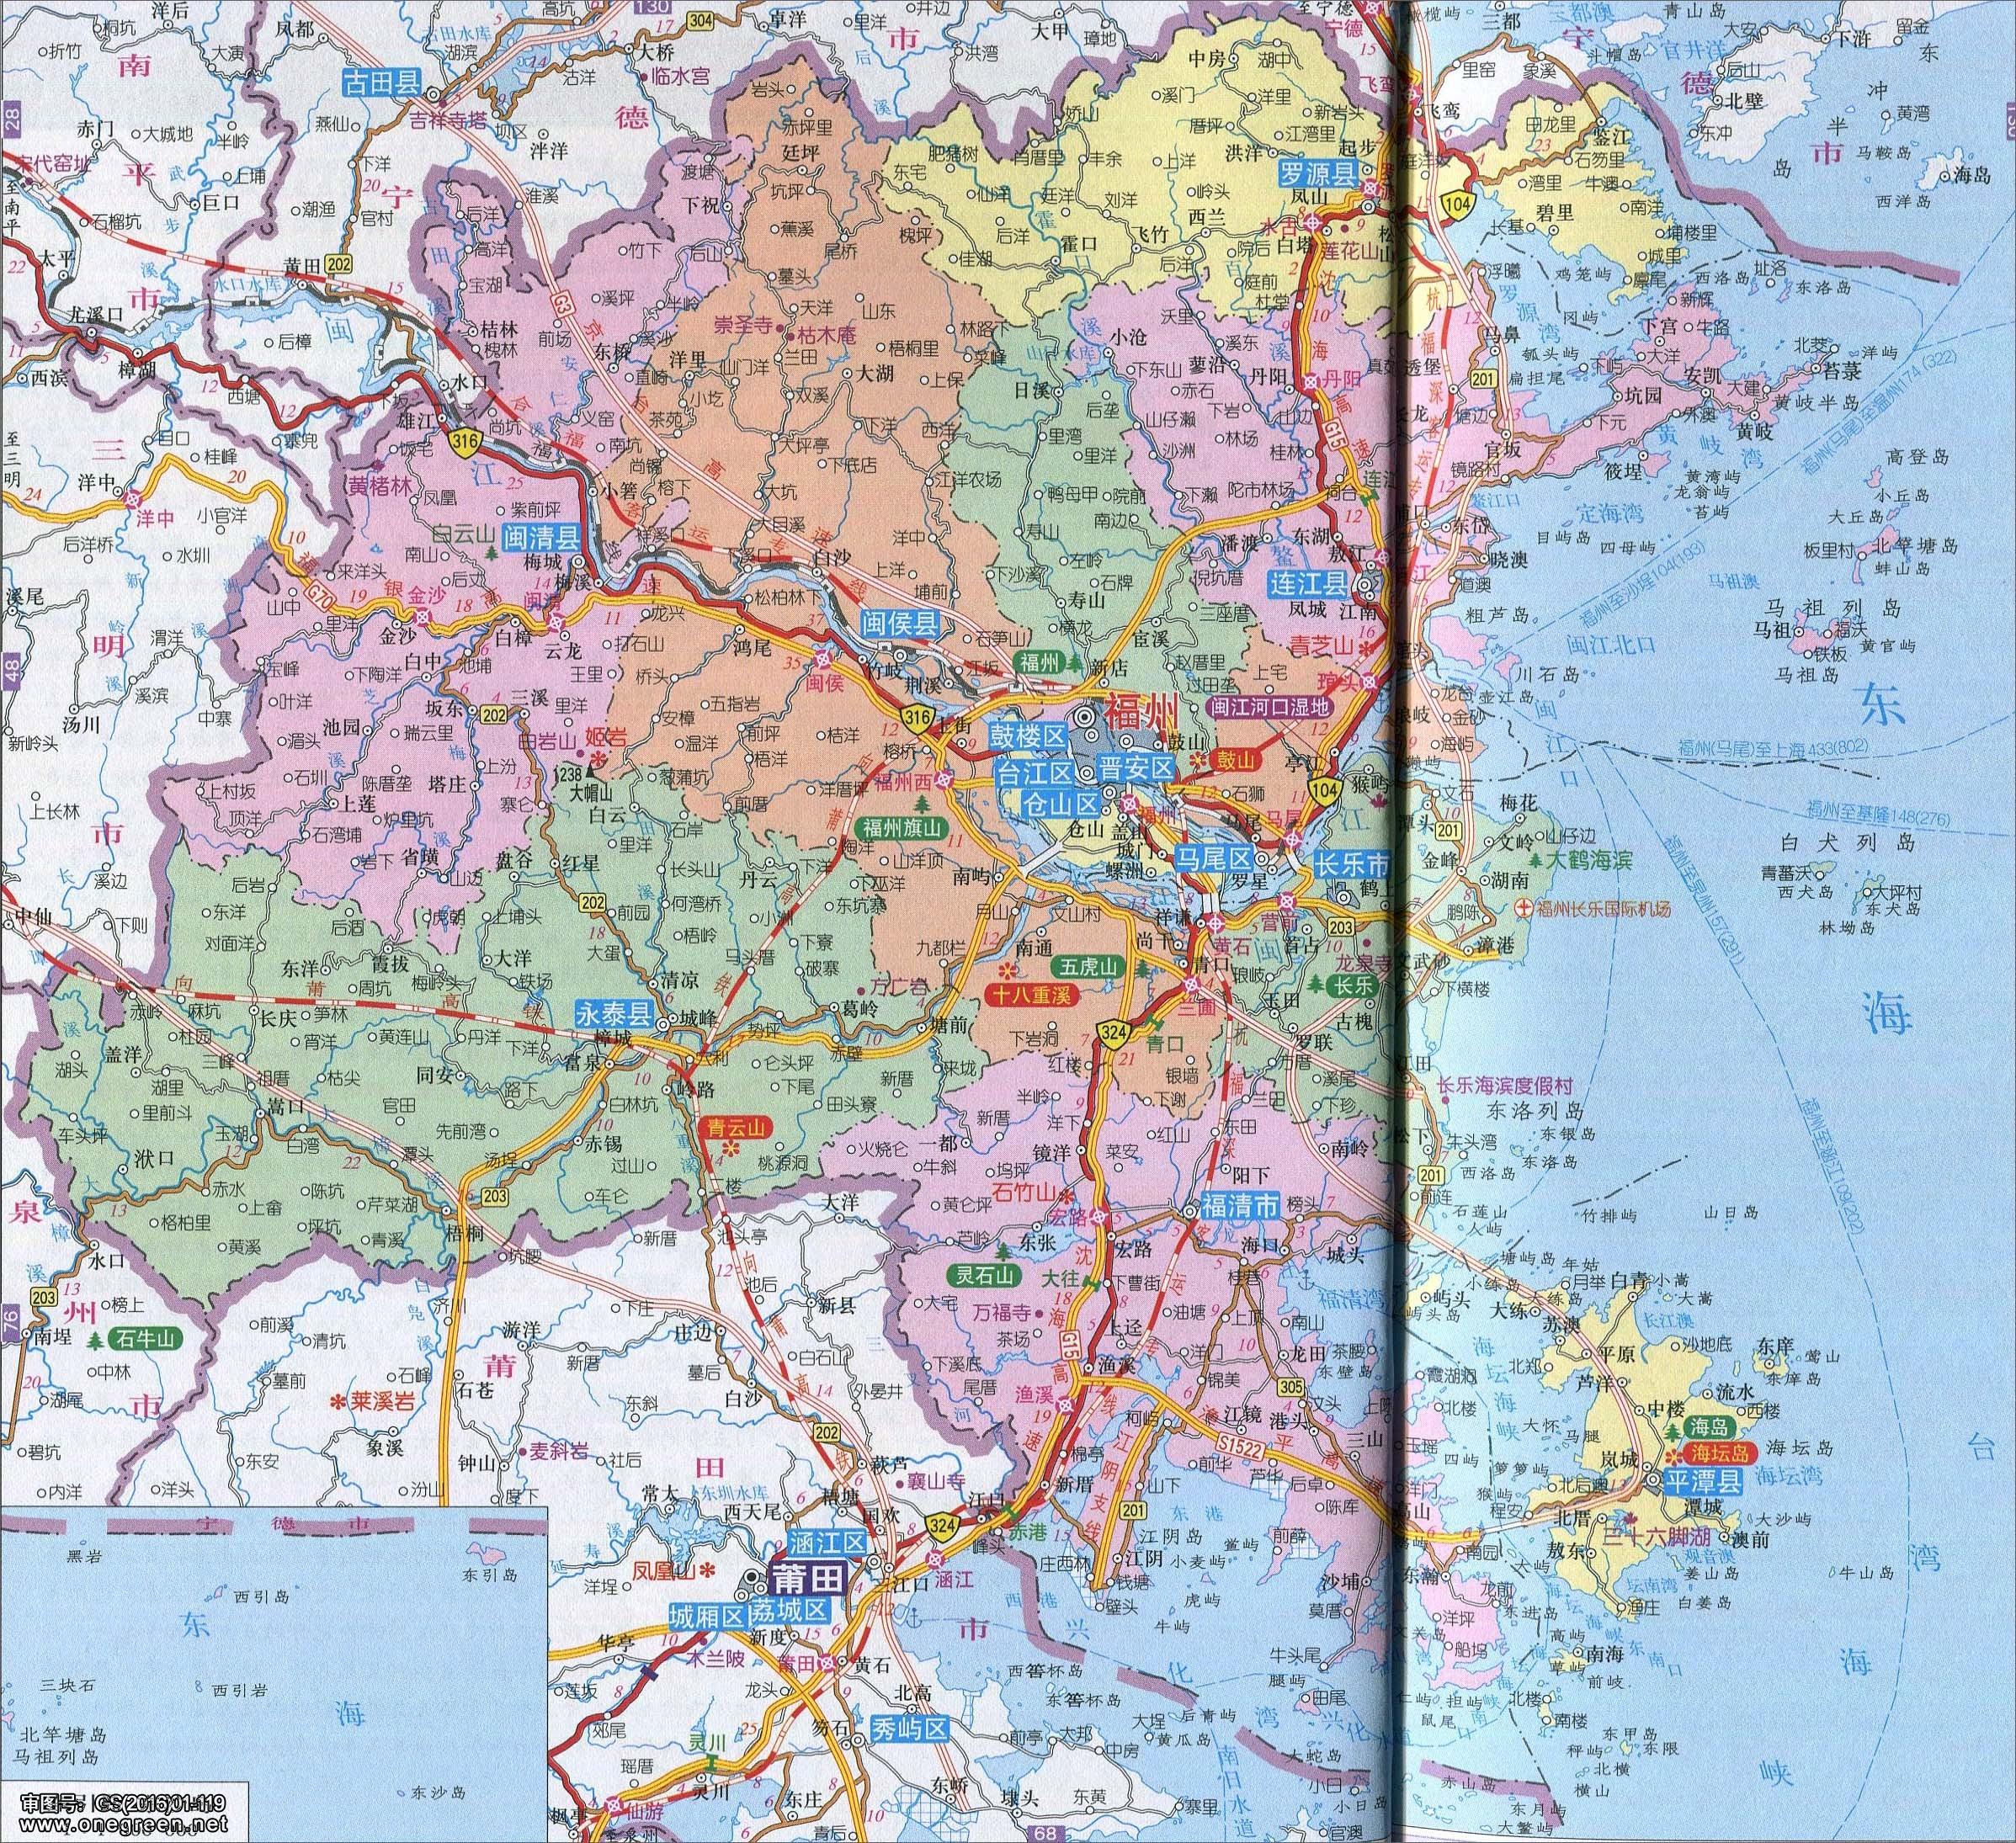 福建福州市区地图_福州地图_福州市区地图全图高清版_地图窝